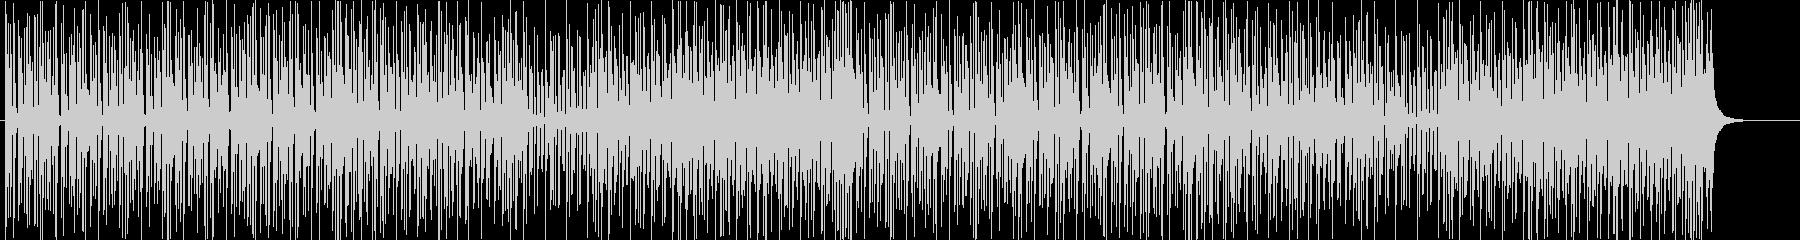 和風◆軽快な三味線のポップス風BGMの未再生の波形